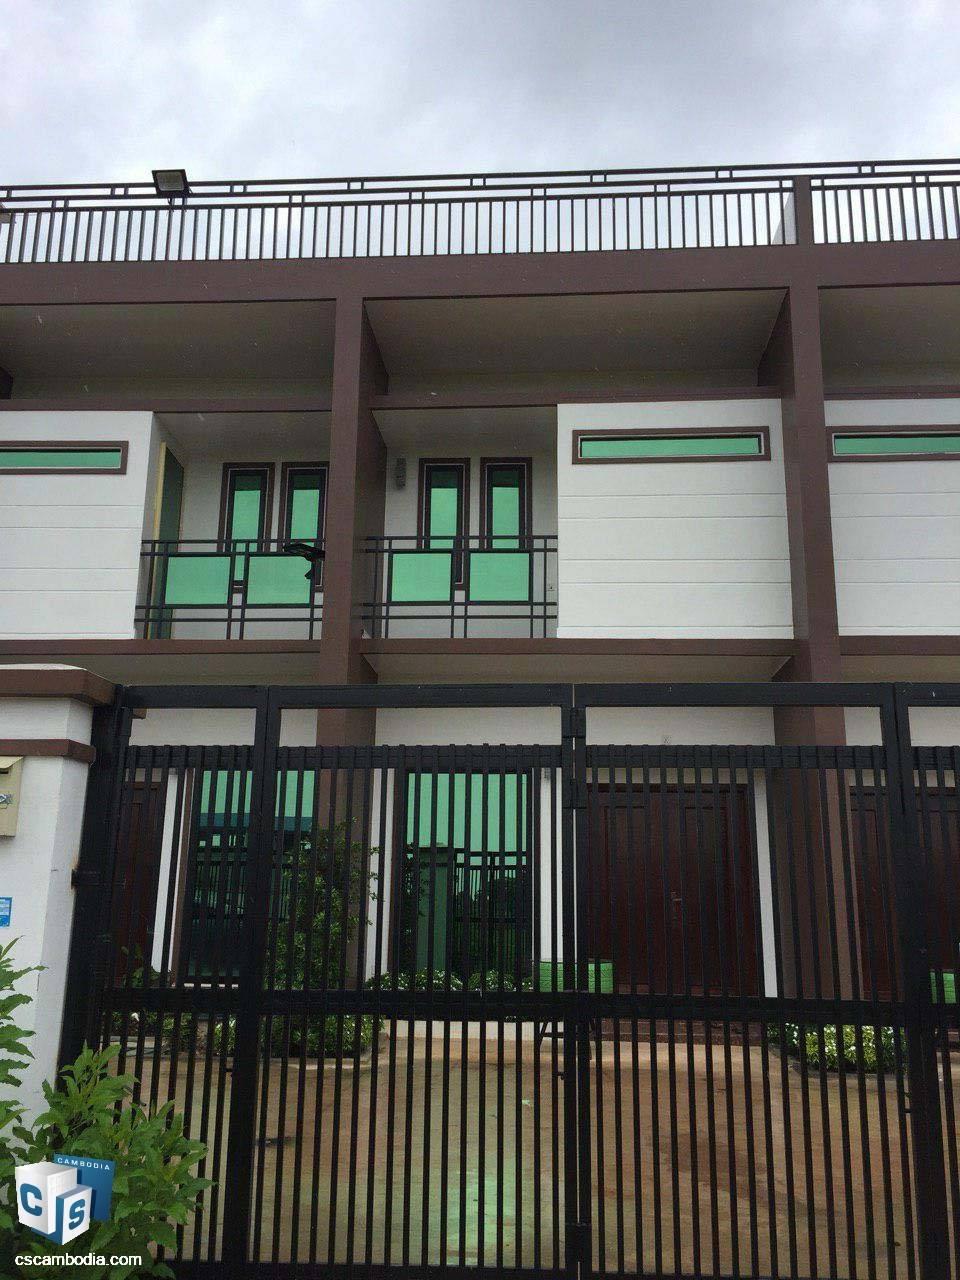 2 Bedroom Flat house – For Rent – Khnar Village – Chreav Commune – Siem Reap